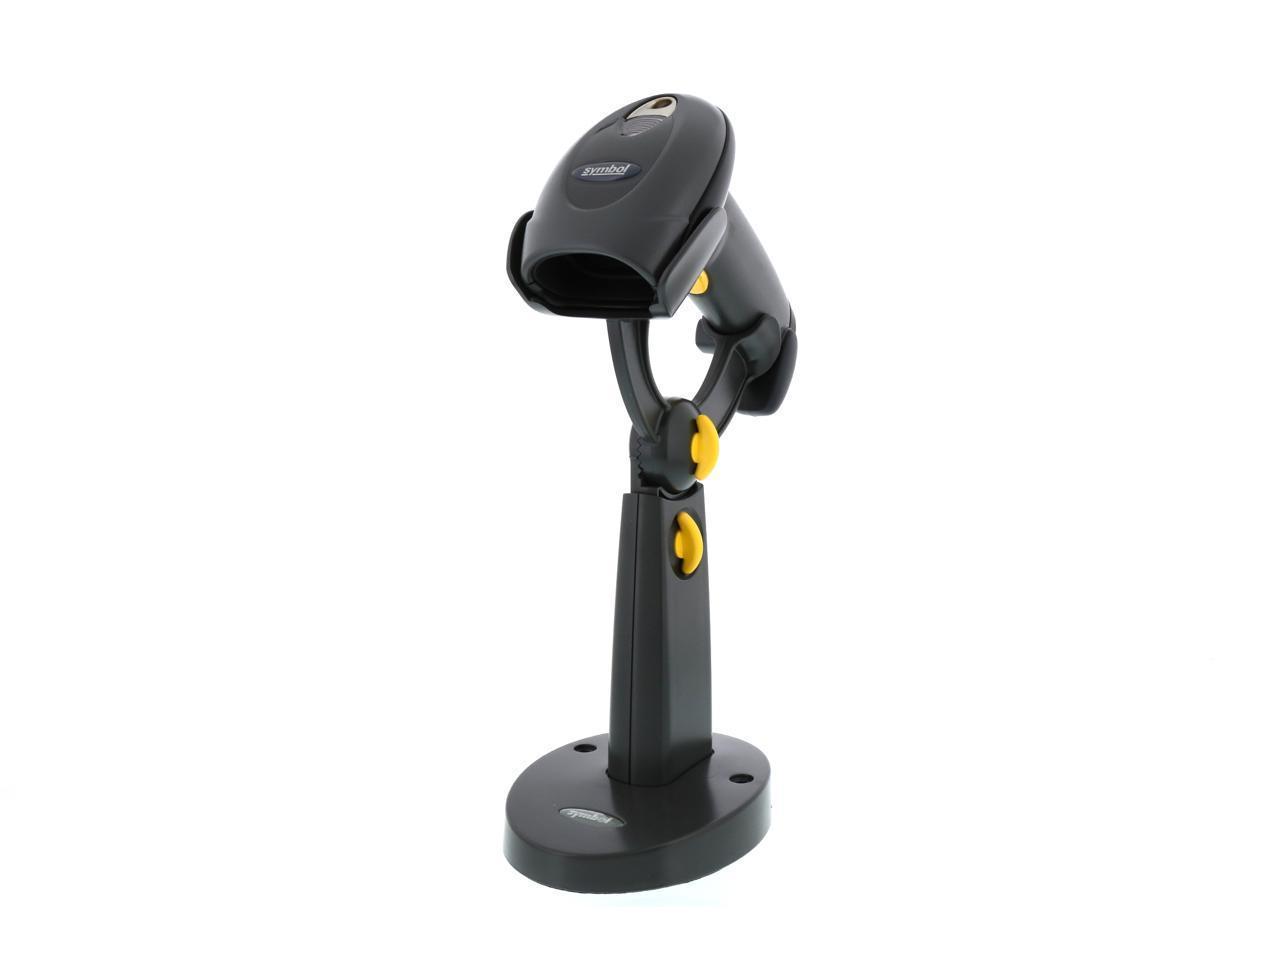 Оригинальная подставка под сканер штрих кодов Motorola Symbol DS4208 / LS4208